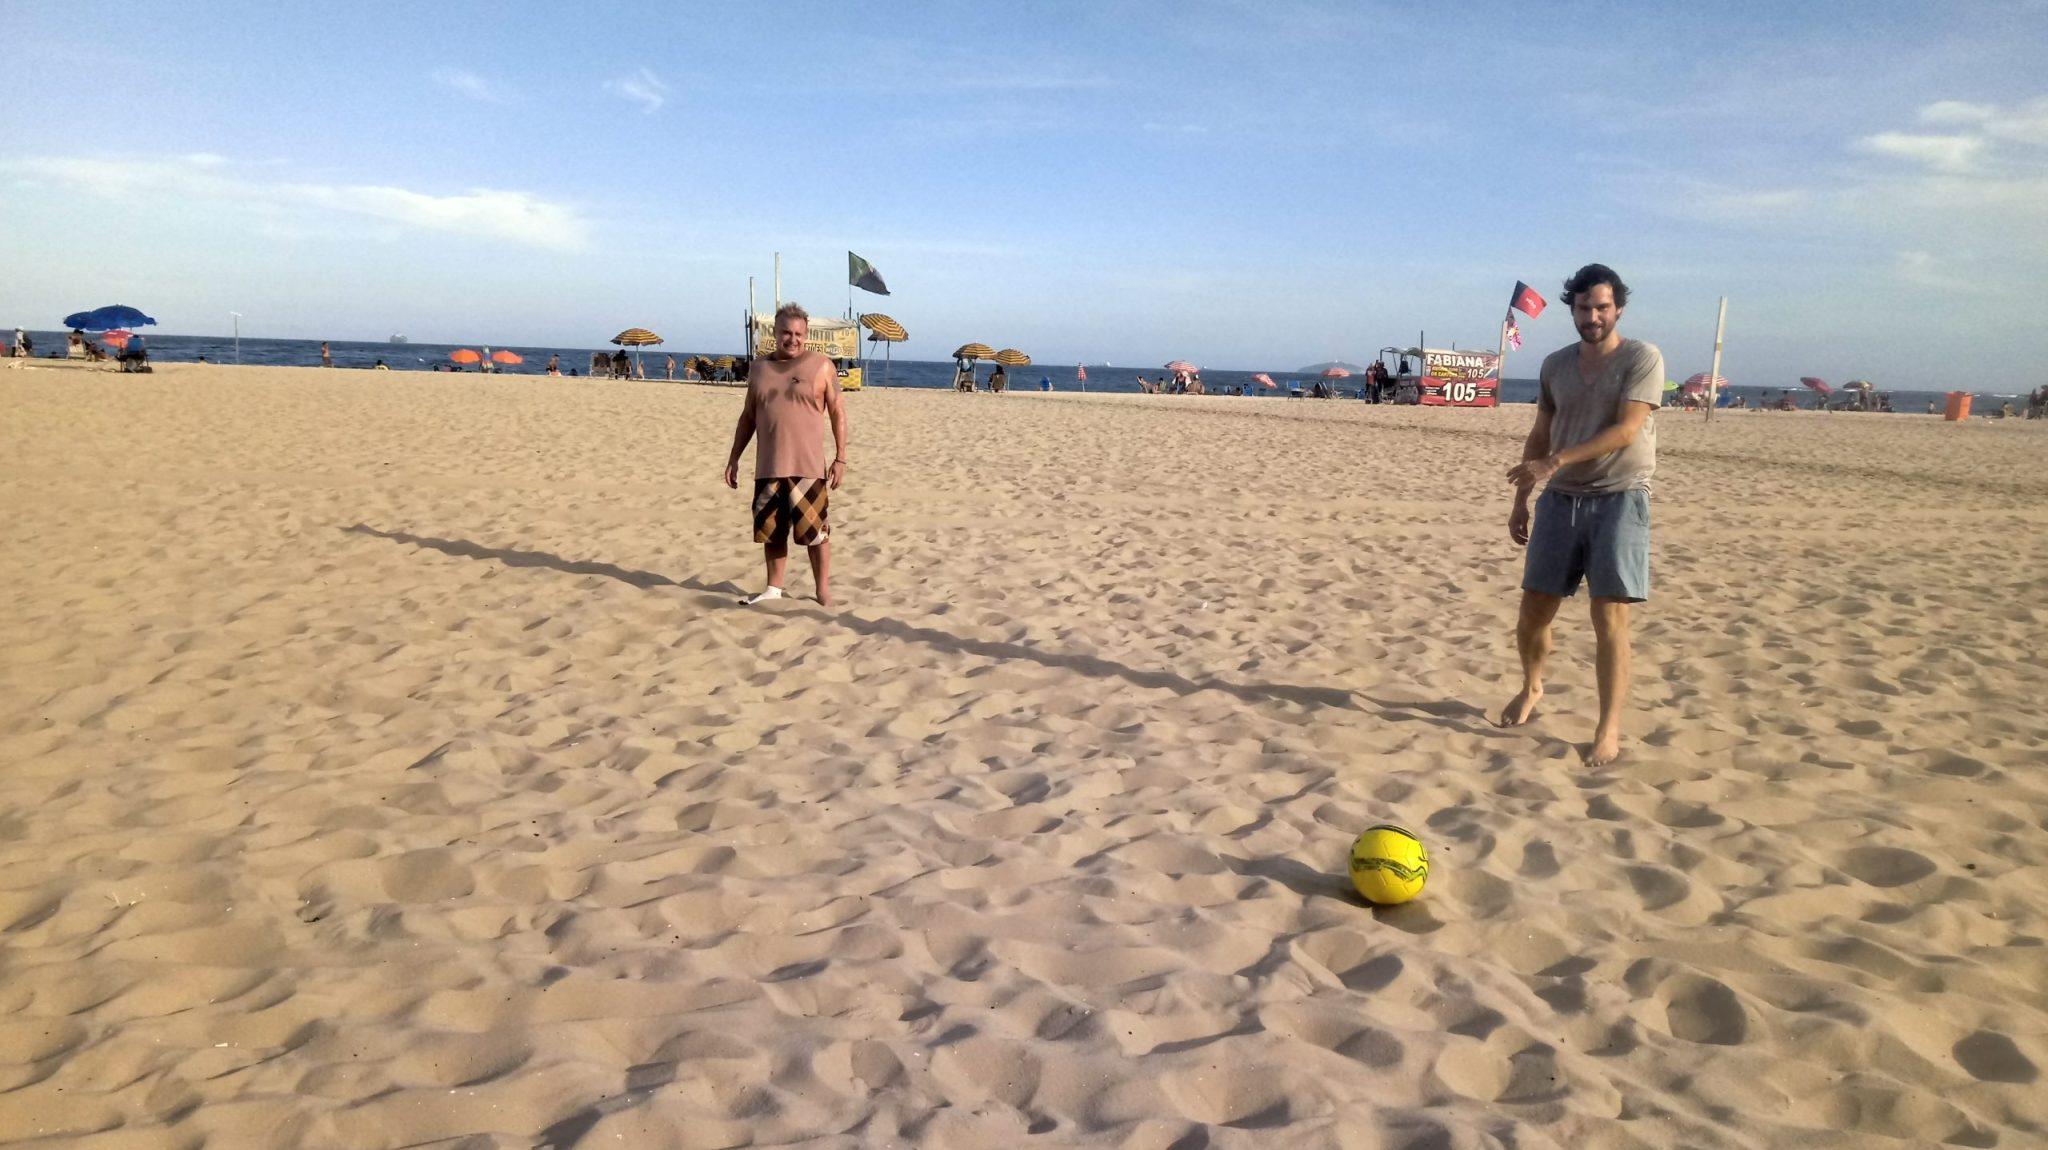 El tiempo estaba perfecto jugando futbol en la playa.